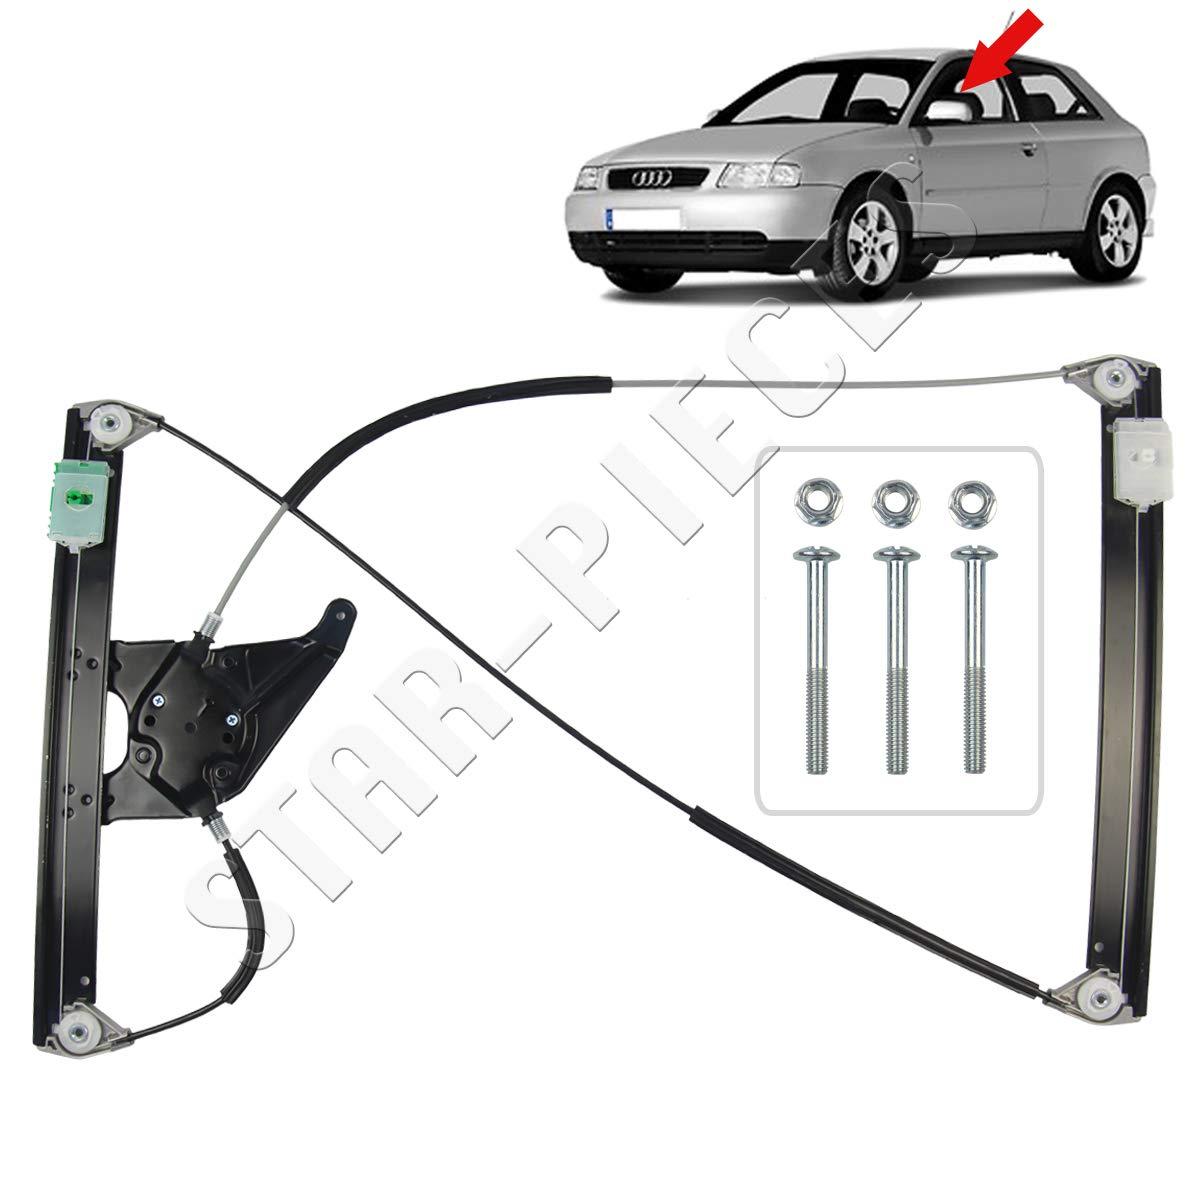 3 Portes de 1996 /à 2003. 8L STARKIT PERFORMANCE M/écanisme l/ève vitre /électrique Avant Gauche conducteur pour Audi A3